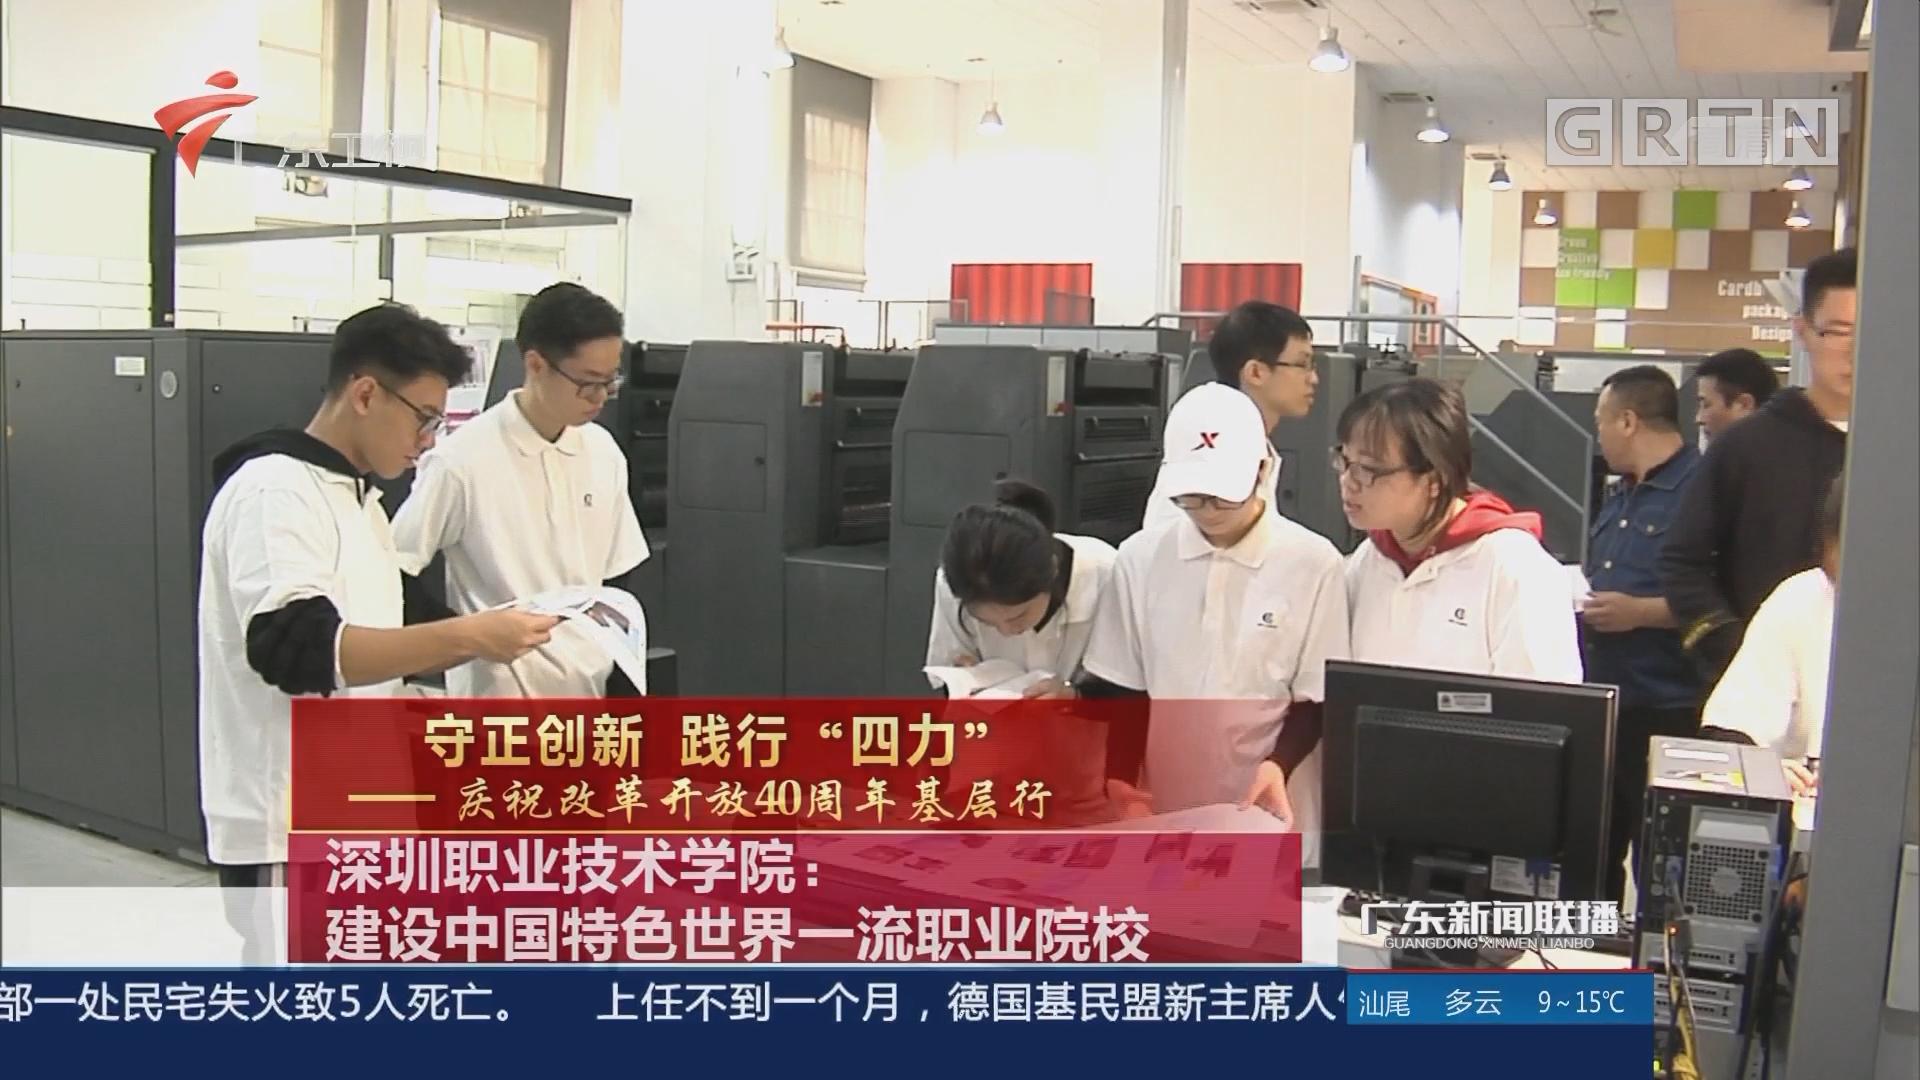 深圳职业技术学院:建设中国特色世界一流职业院校